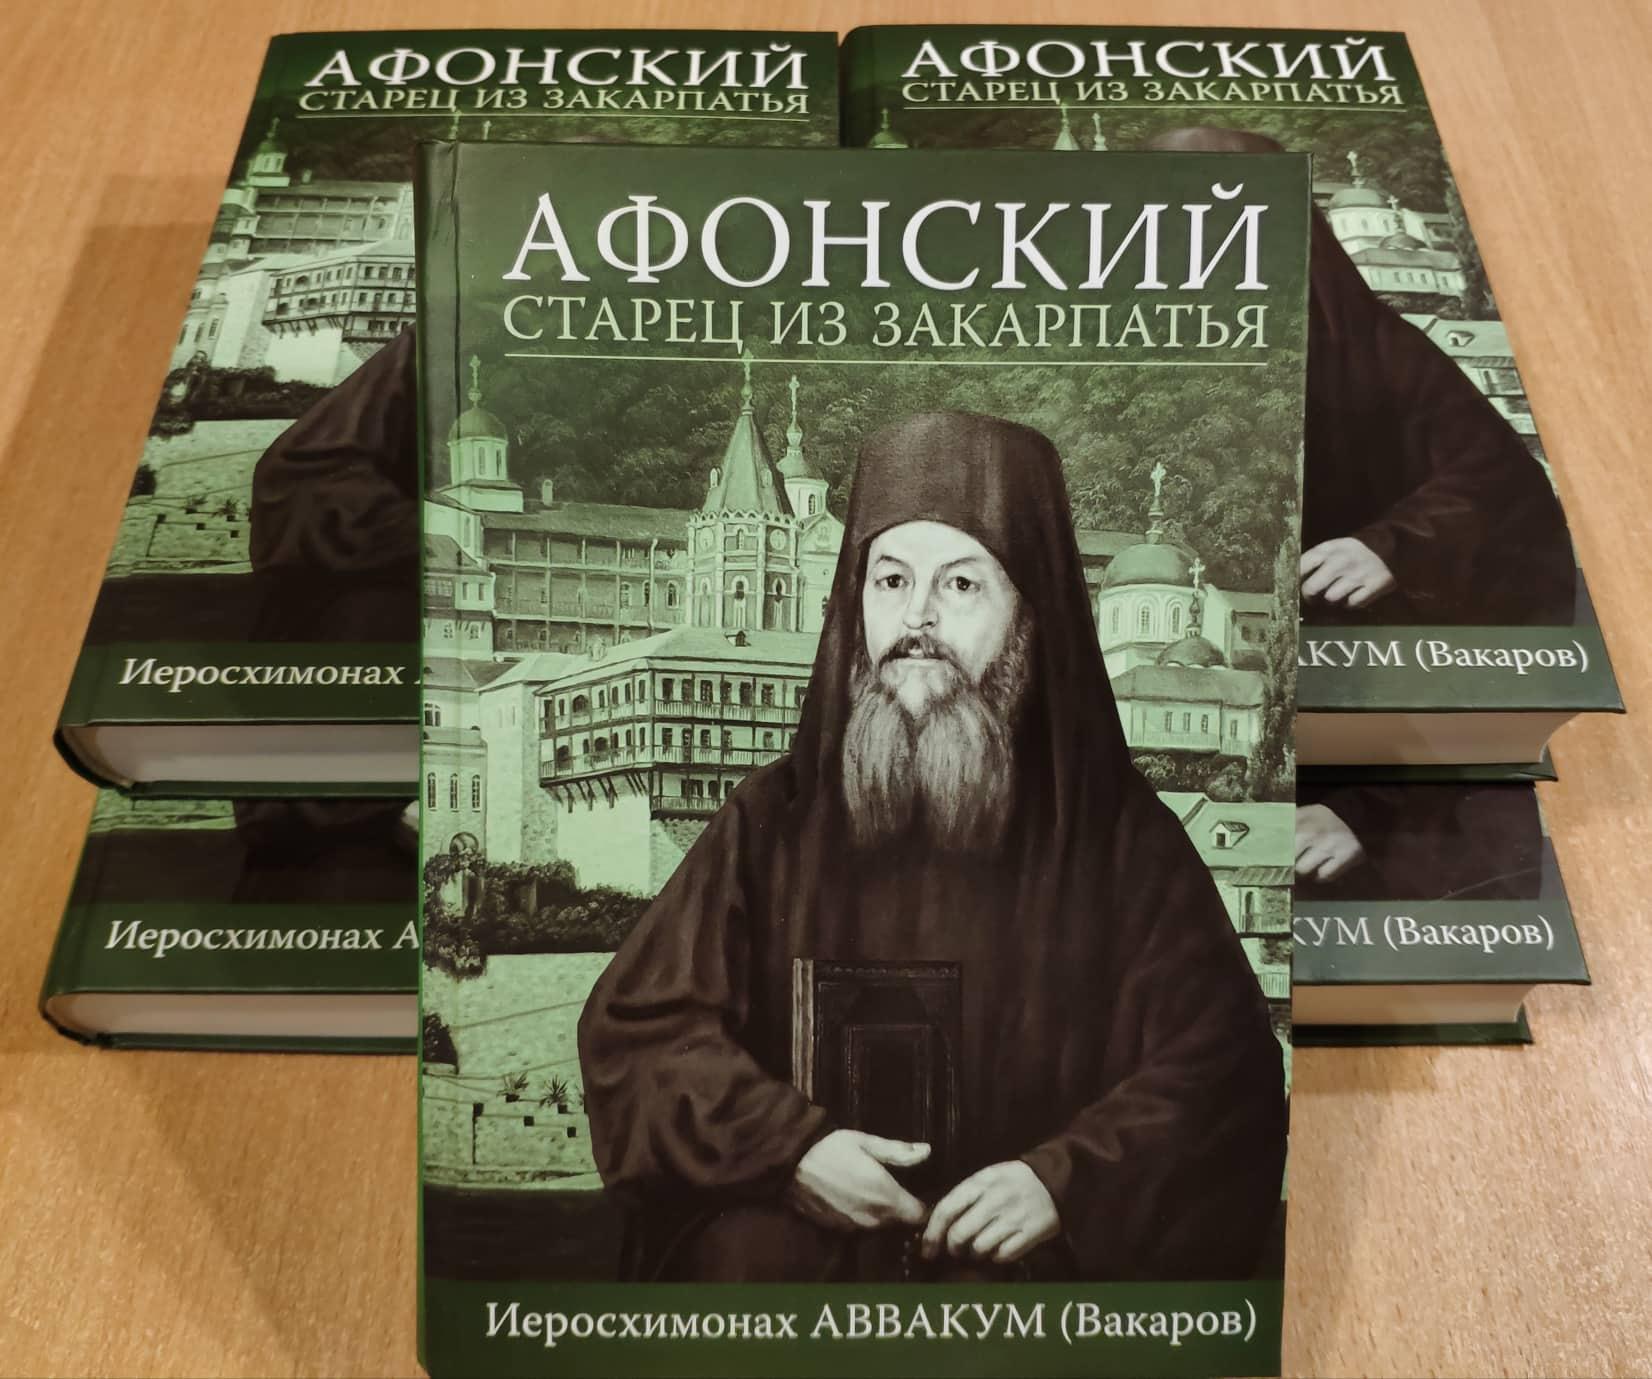 Издана книга об афонском старце из Закарпатья иеросхимонахе Аввакуме (Вакарове)